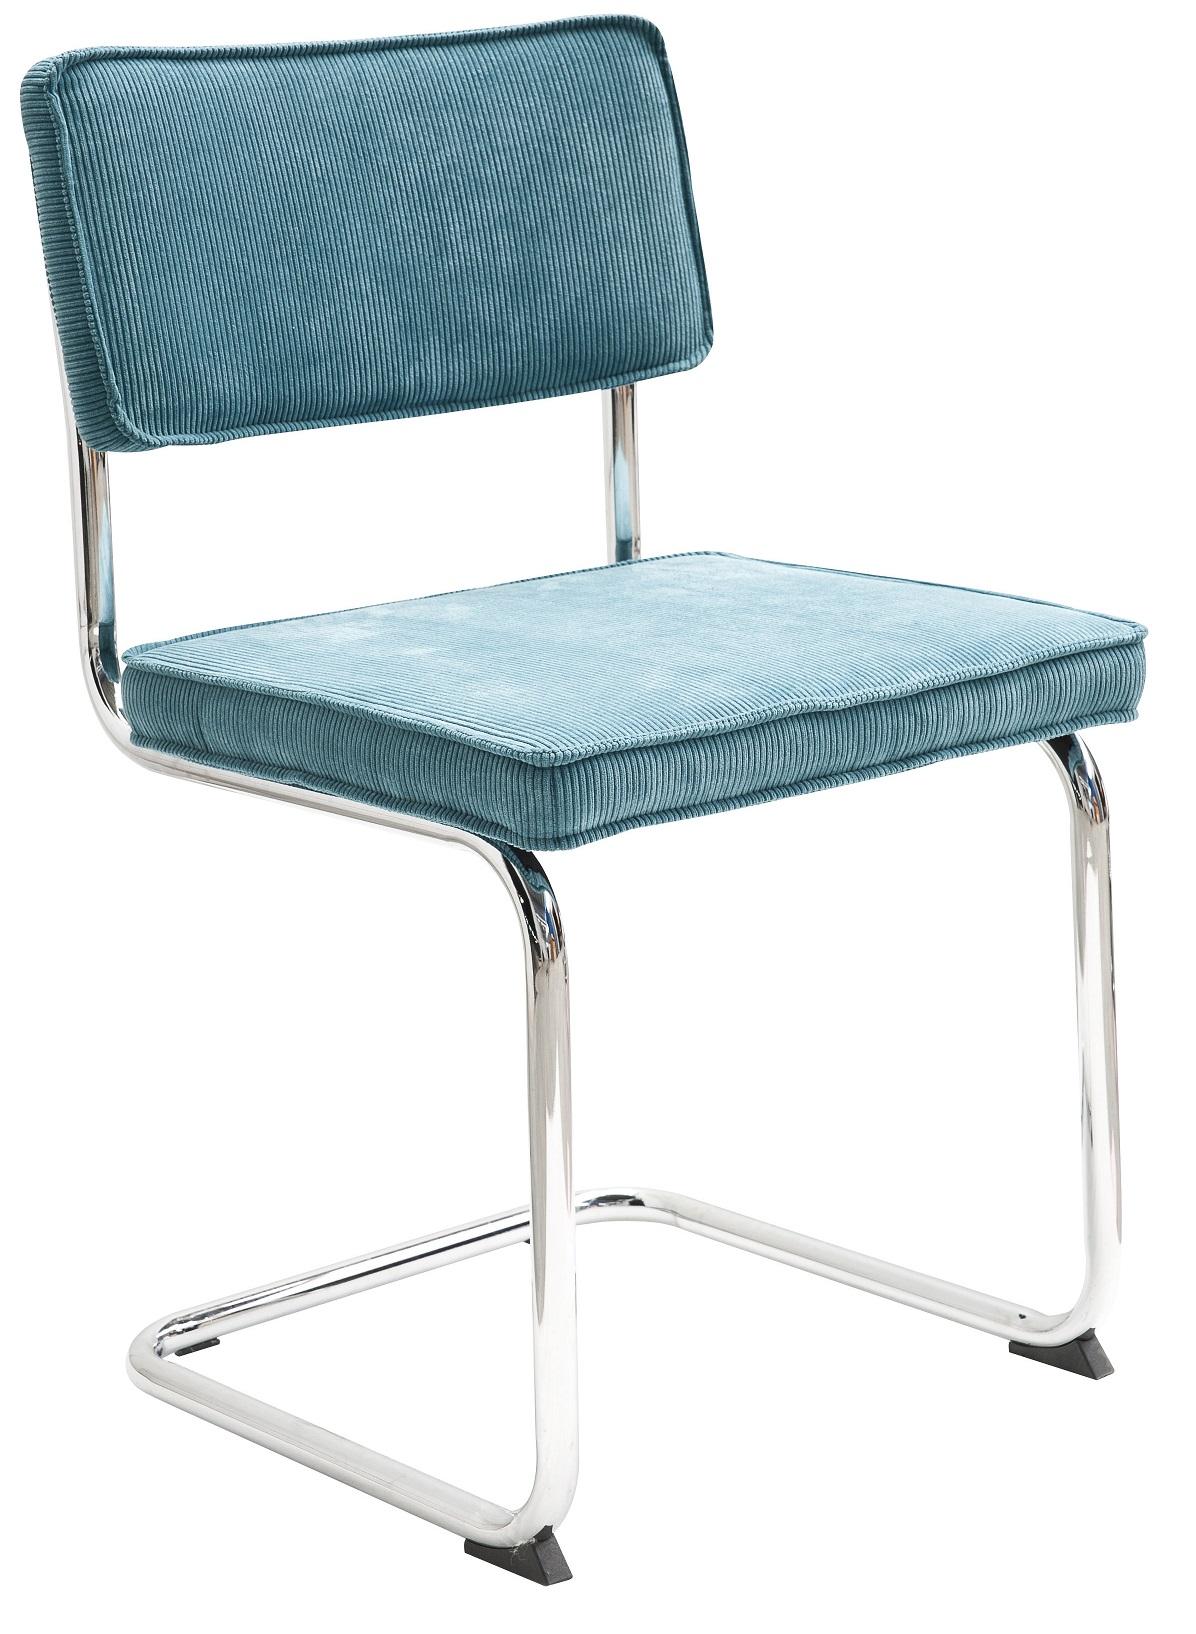 Sevilla stol med kromade ben Blå Manchester 295 kr Trendrum se